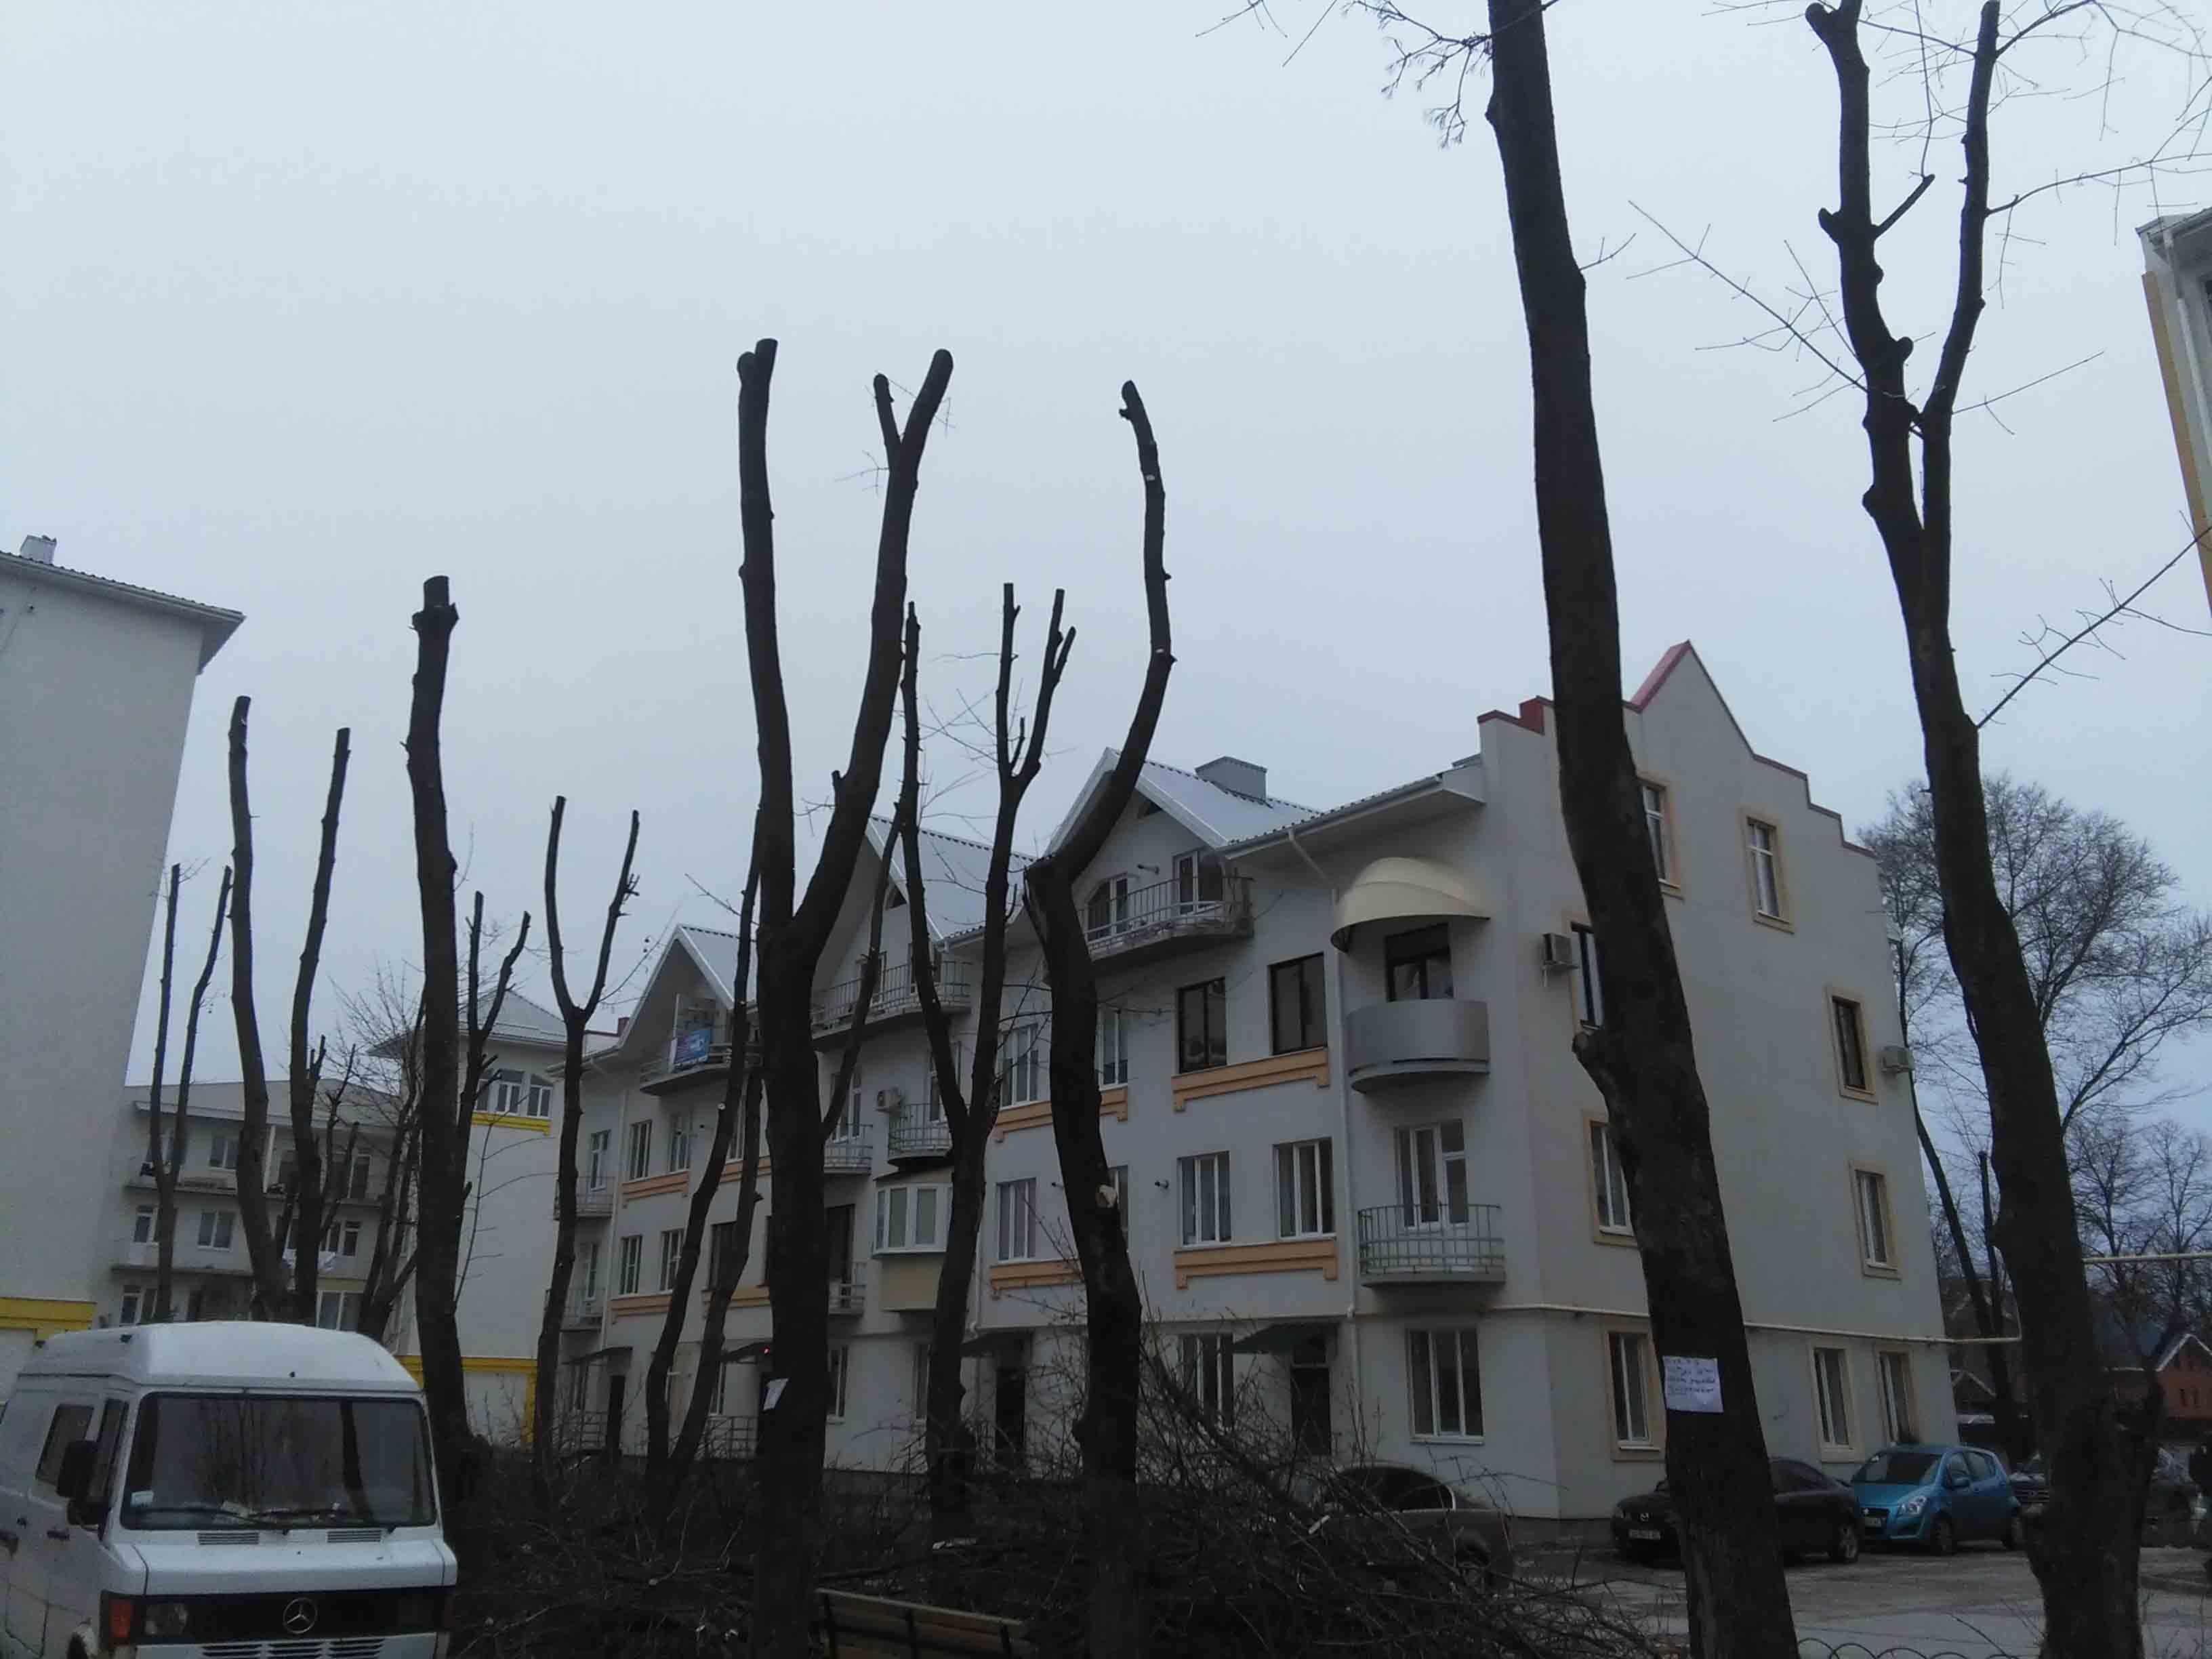 Санитарная и омолаживающая кронация деревьев